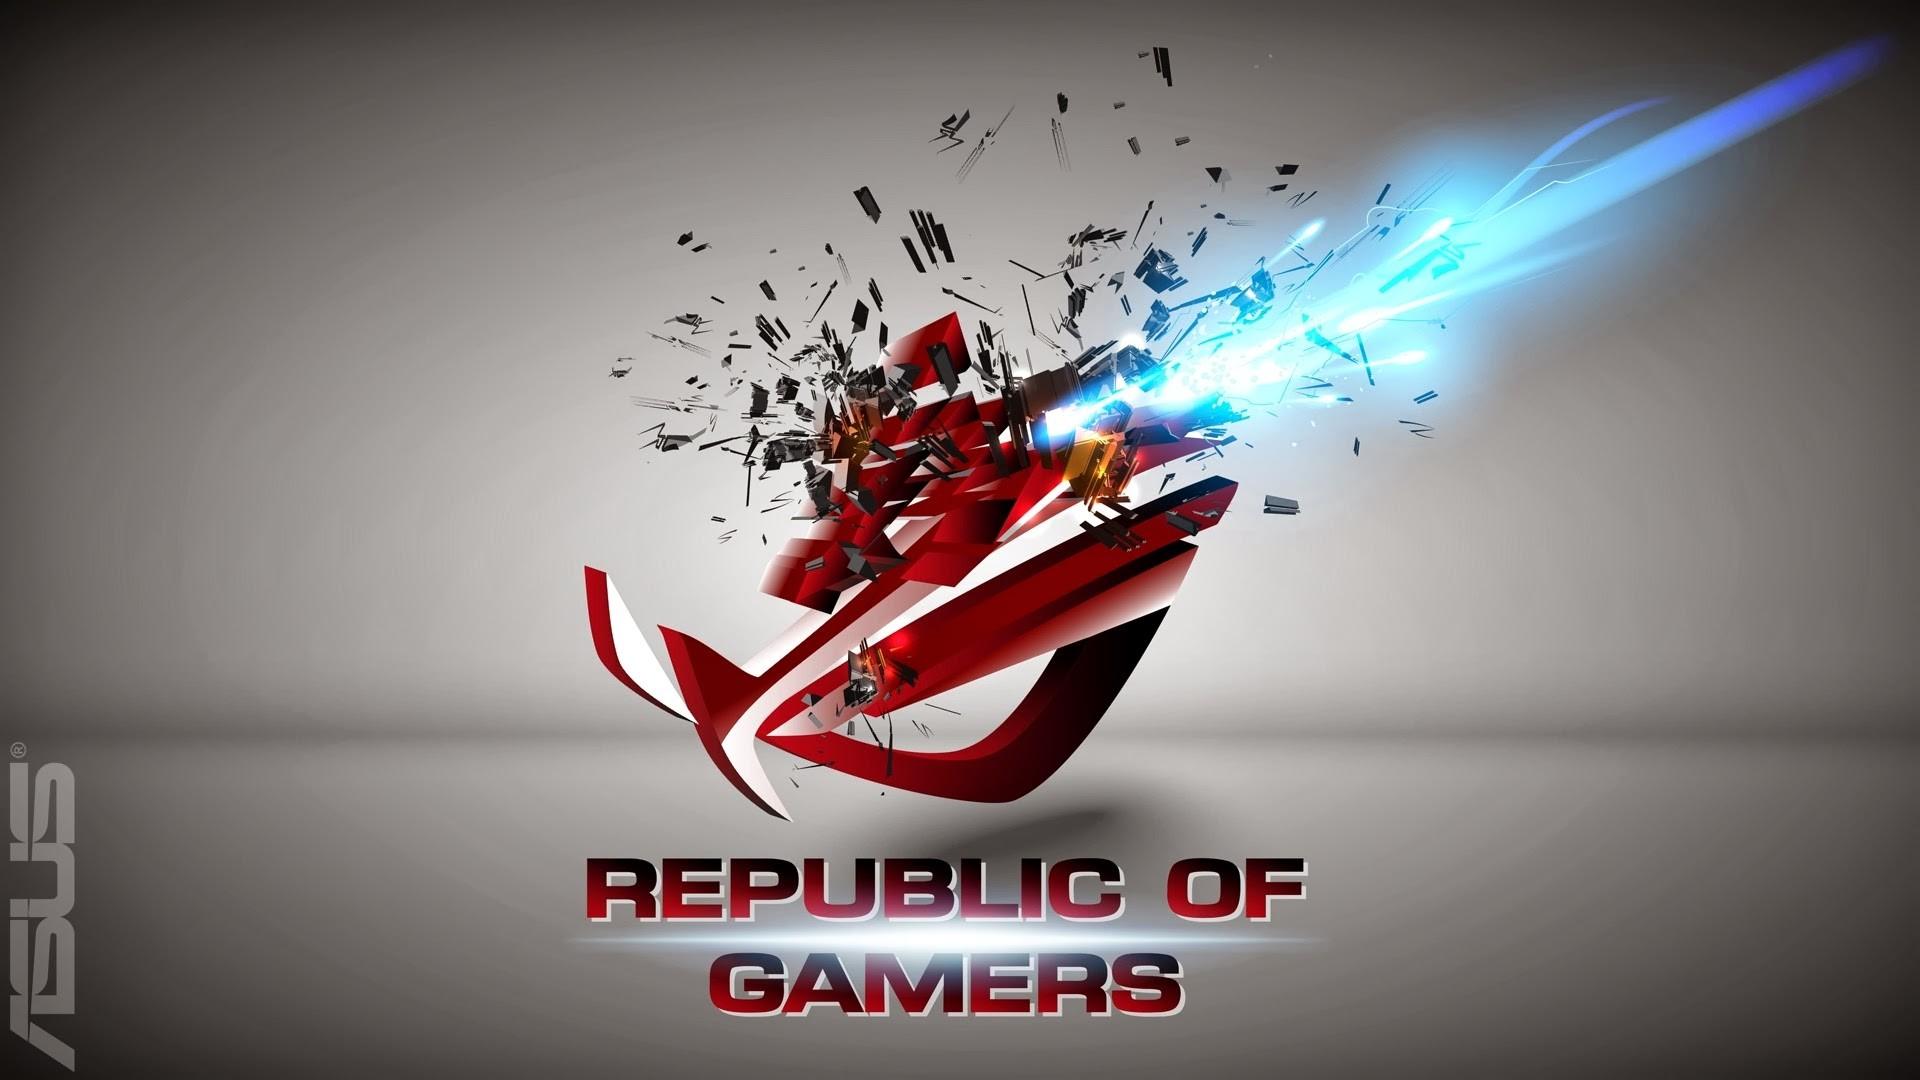 Cool Asus RoG Republic of Gamers HD Wallpaper